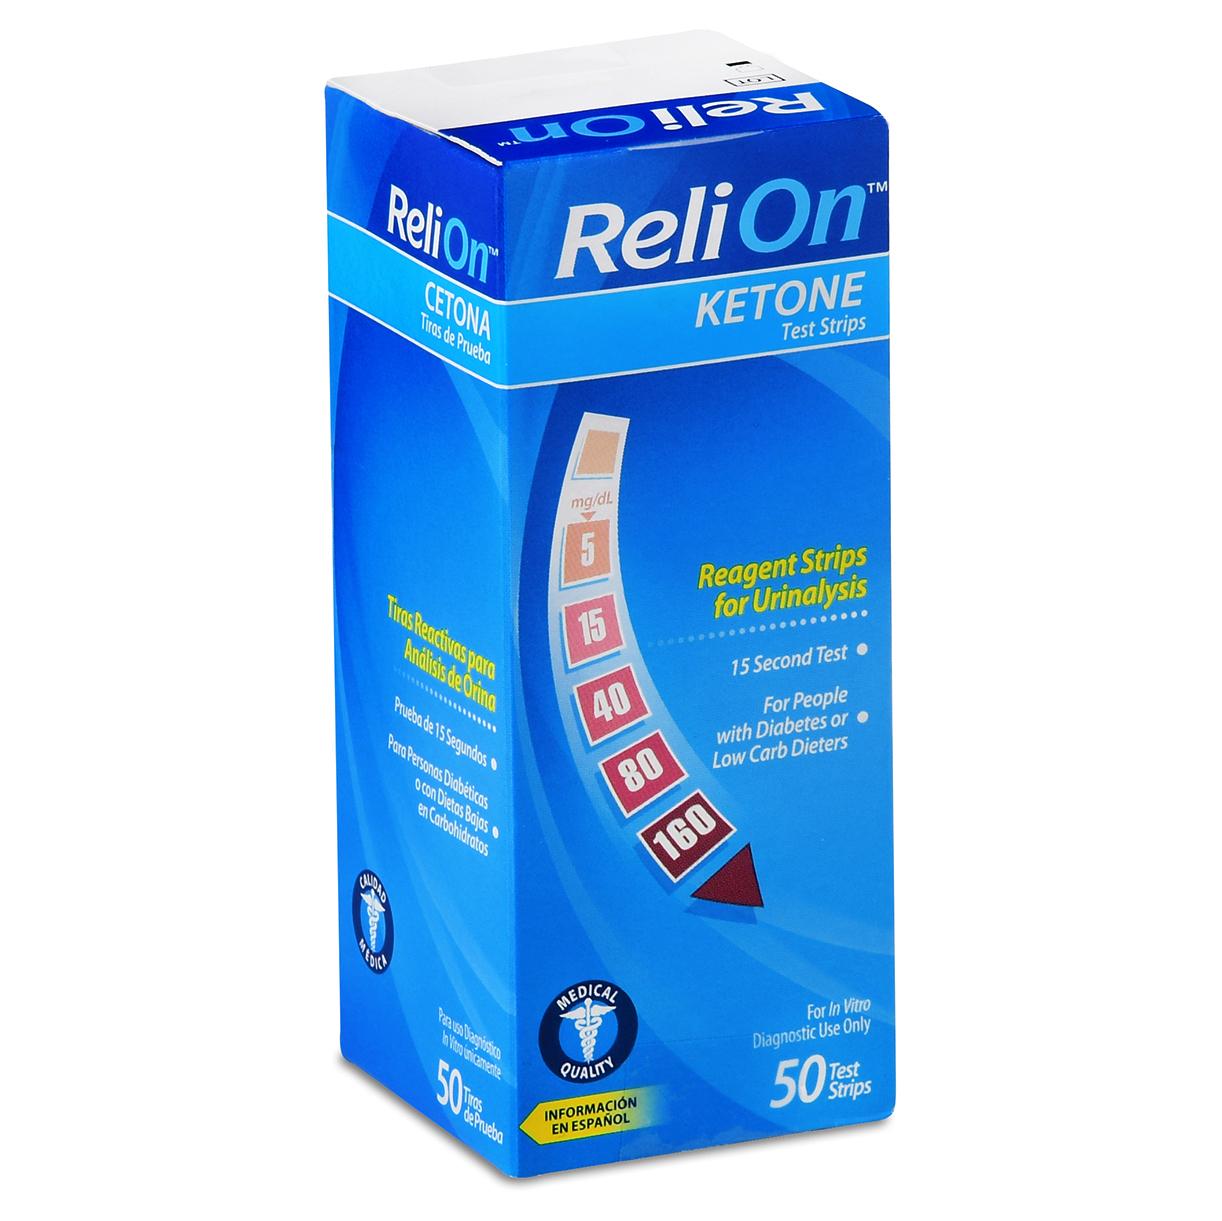 ReliOn Ketone Test Strips, 50 Ct